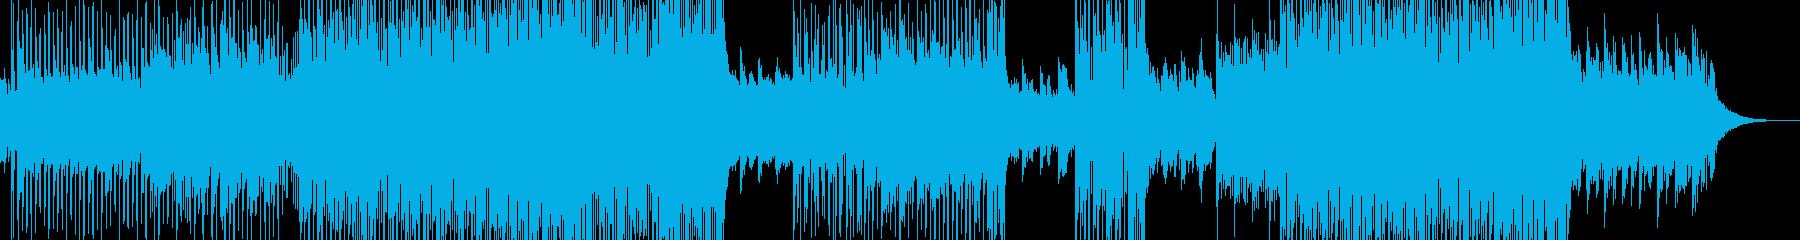 幻想的な夜明け・テクノポップ 前奏無しの再生済みの波形